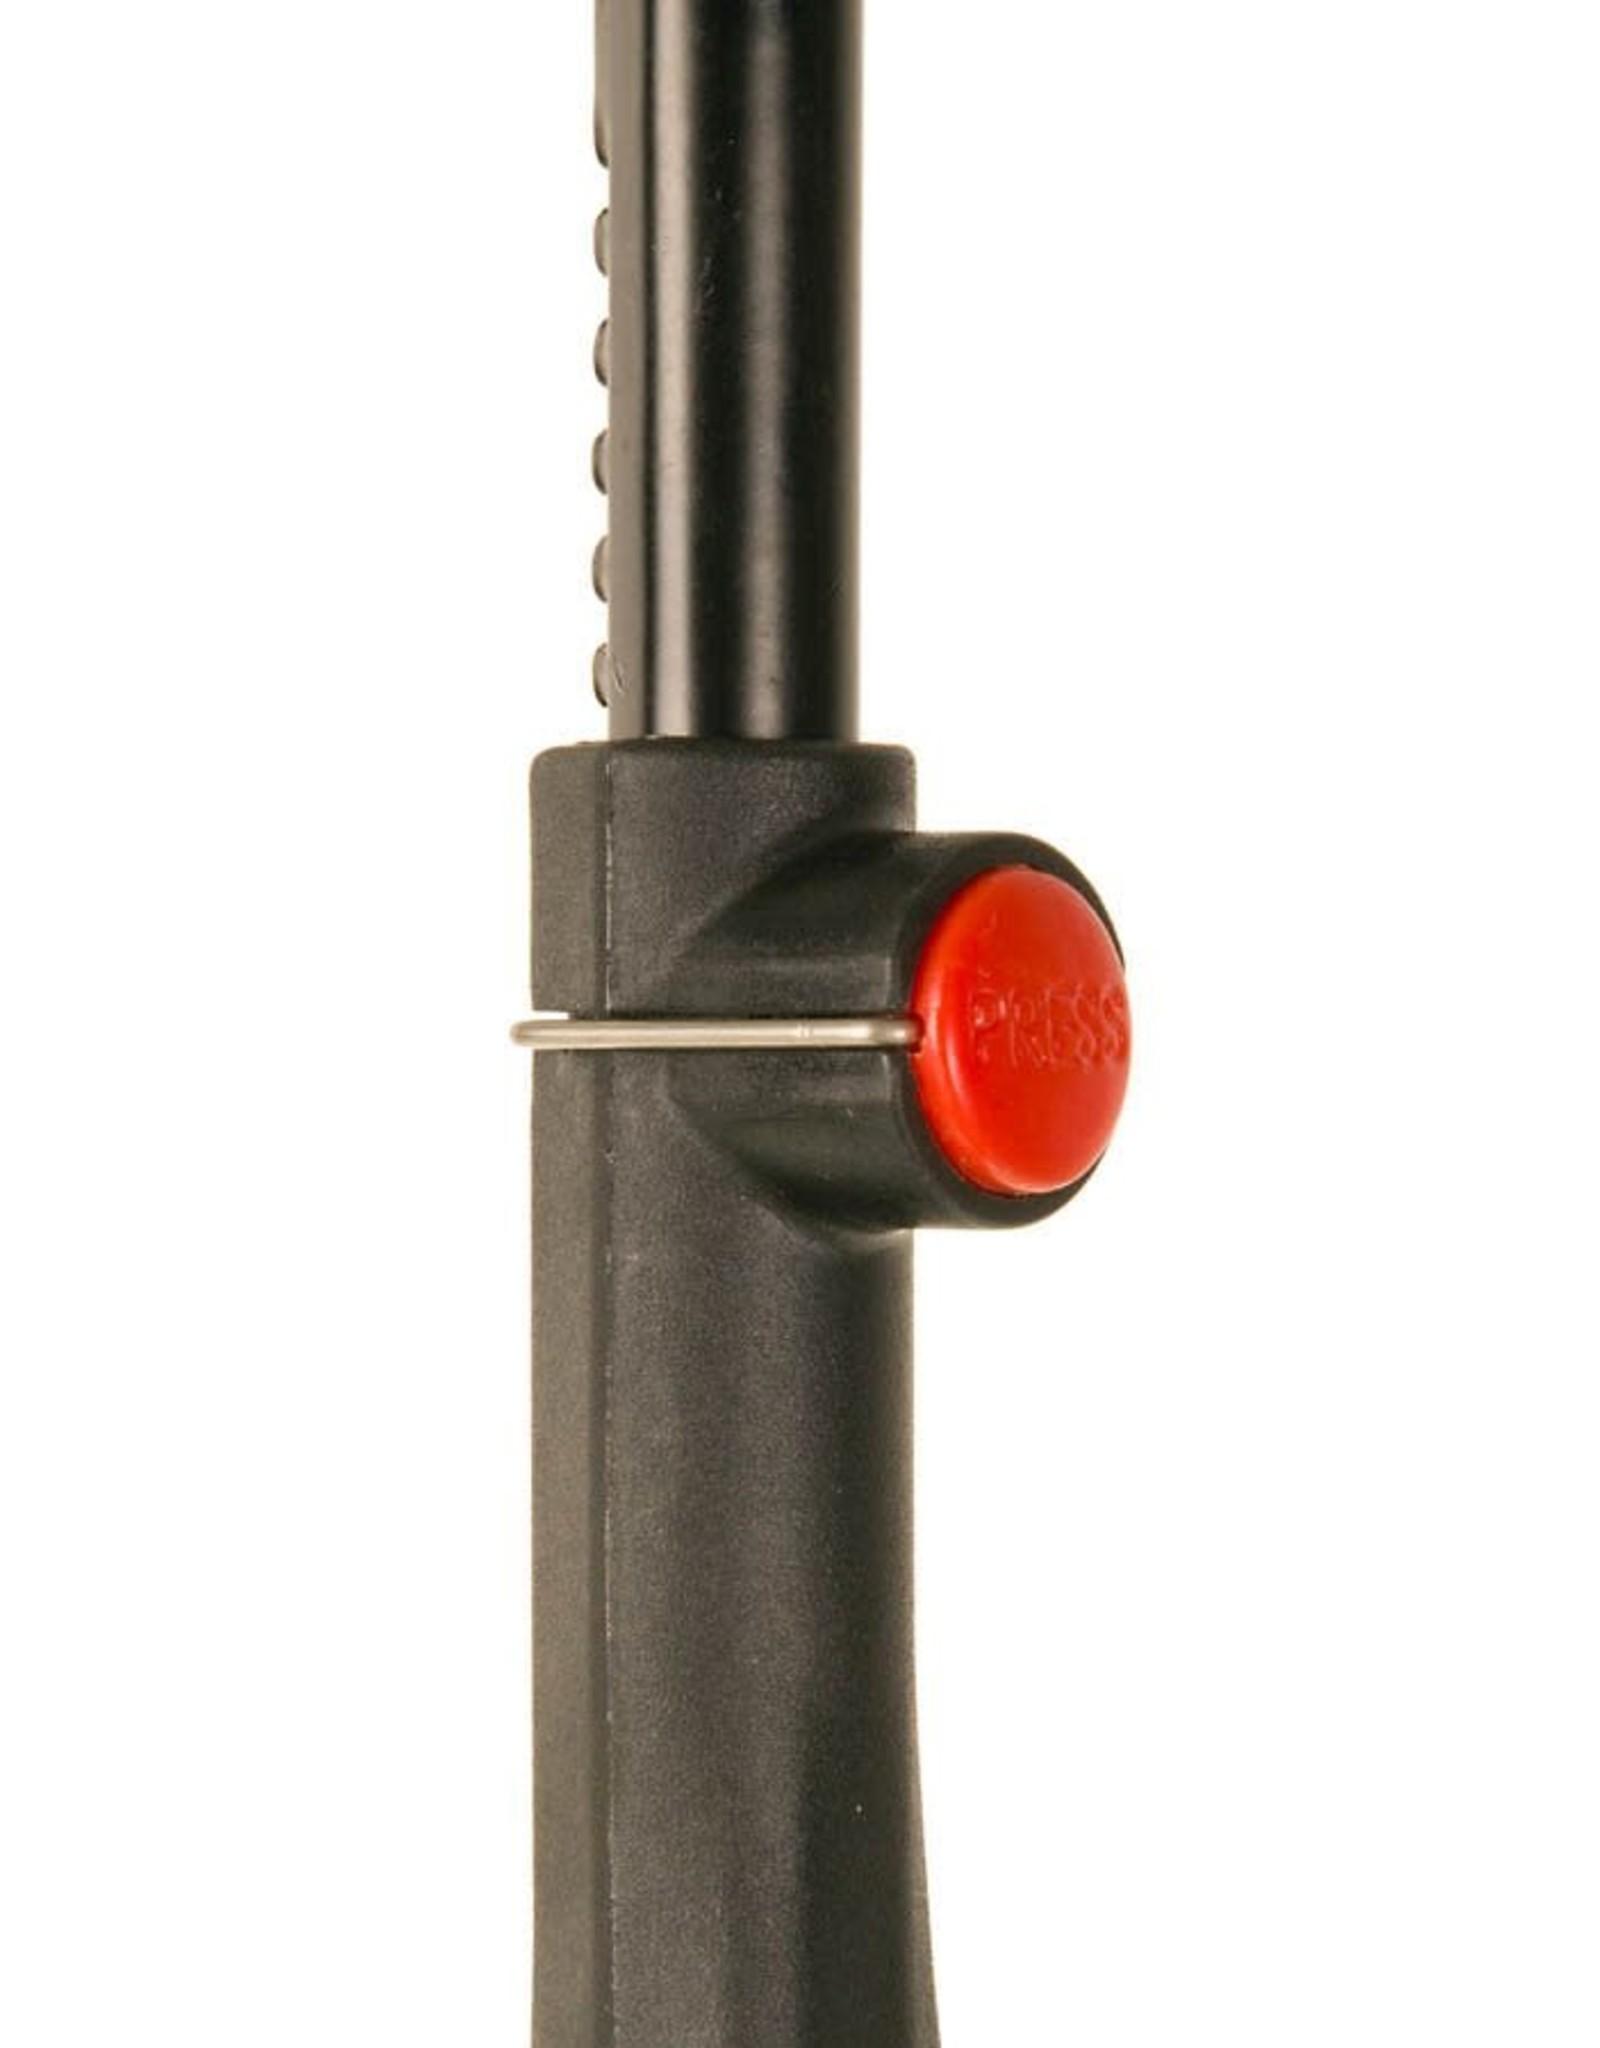 EVO EVO, Central kickstand, Adjustable, aluminum plate